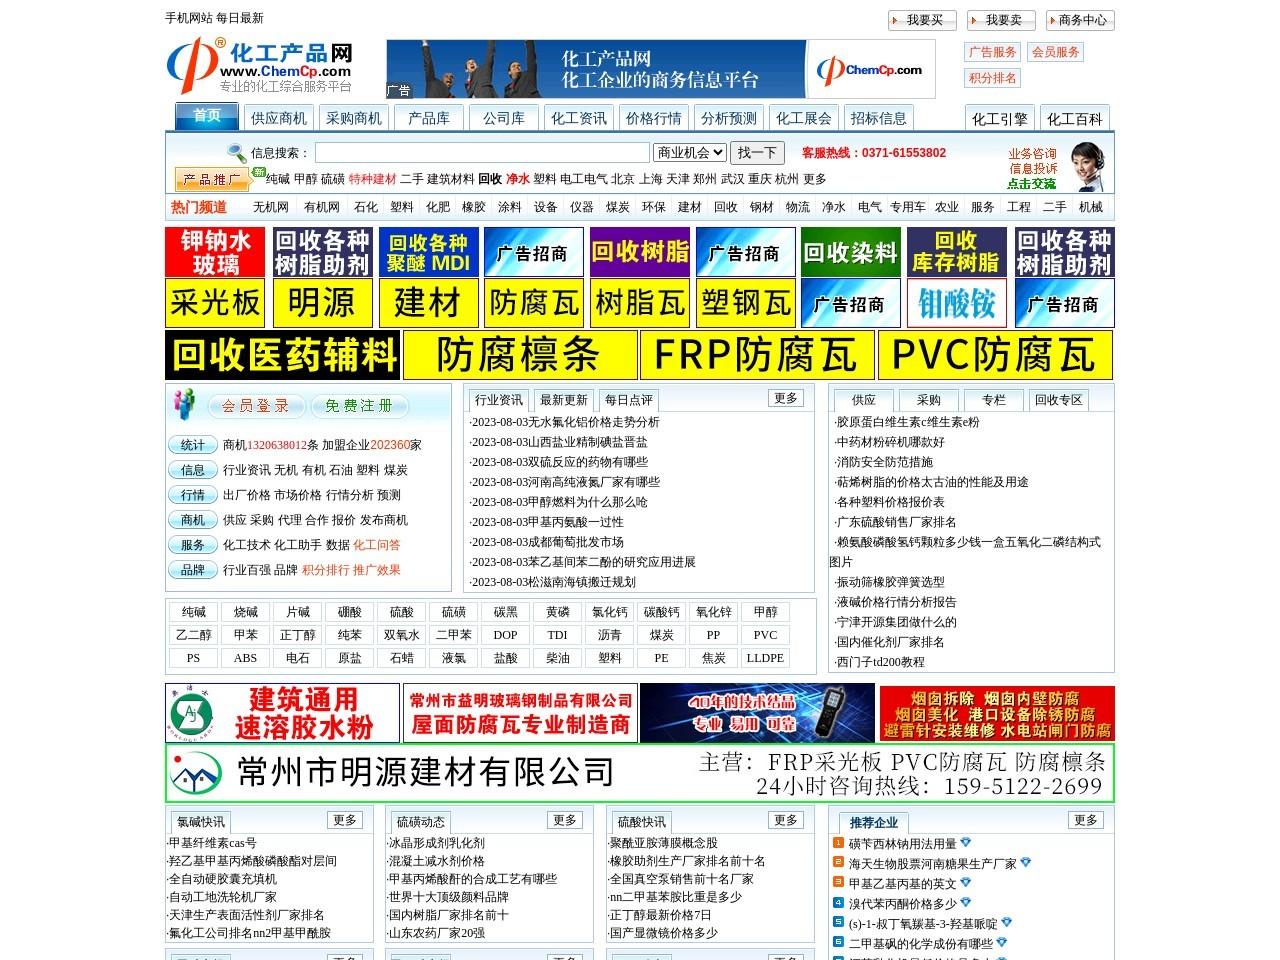 化工产品网_专业的化工产品交易平台